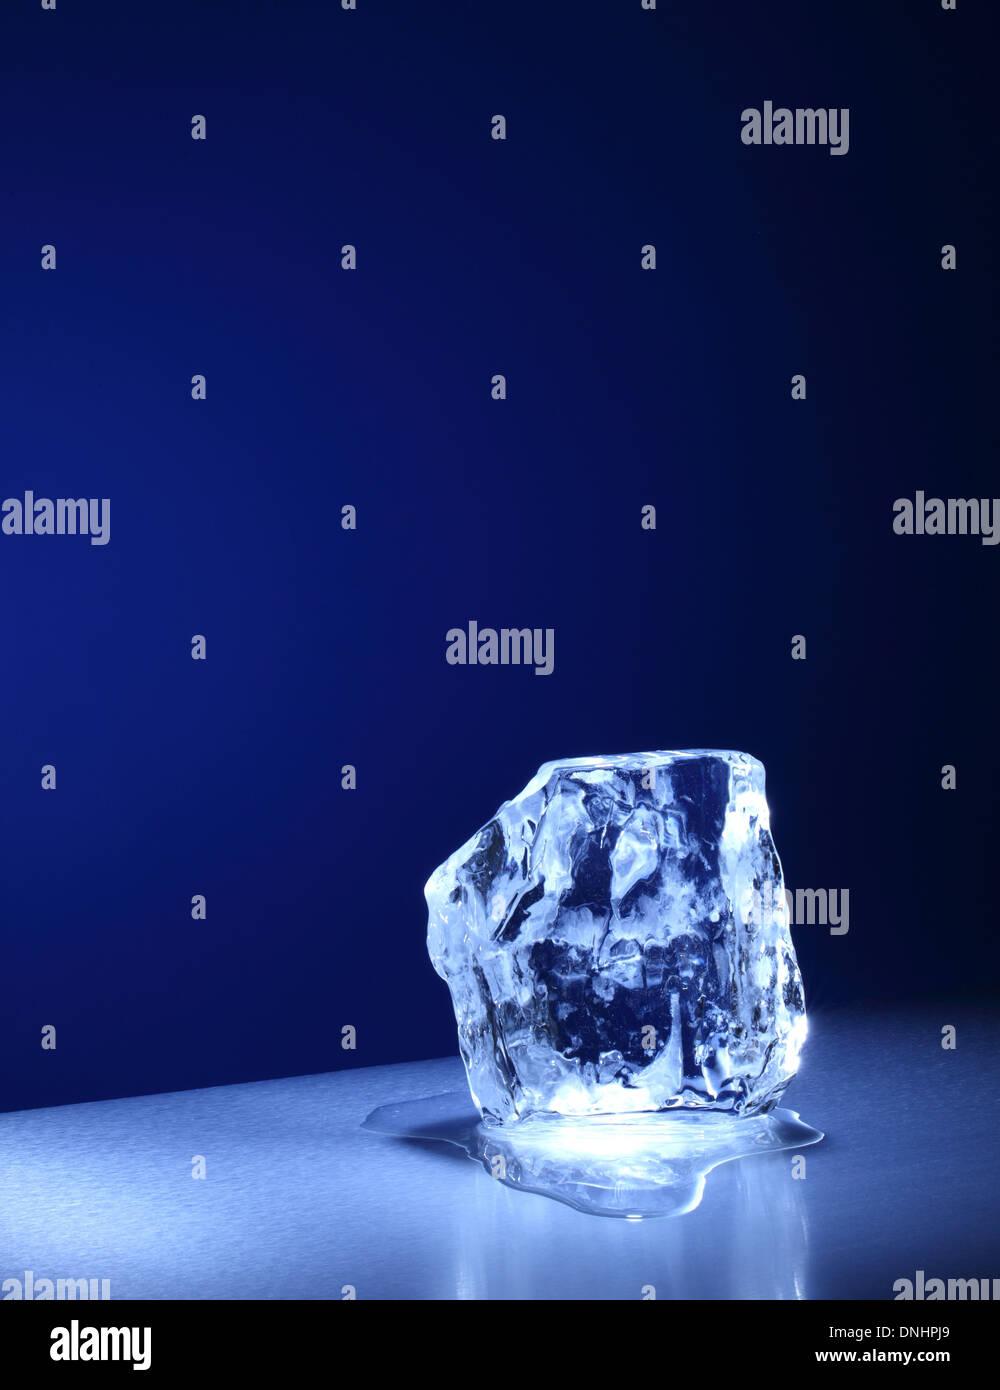 Una grande piazza cube / blocco di ghiaccio lentamente la fusione. Foto Stock